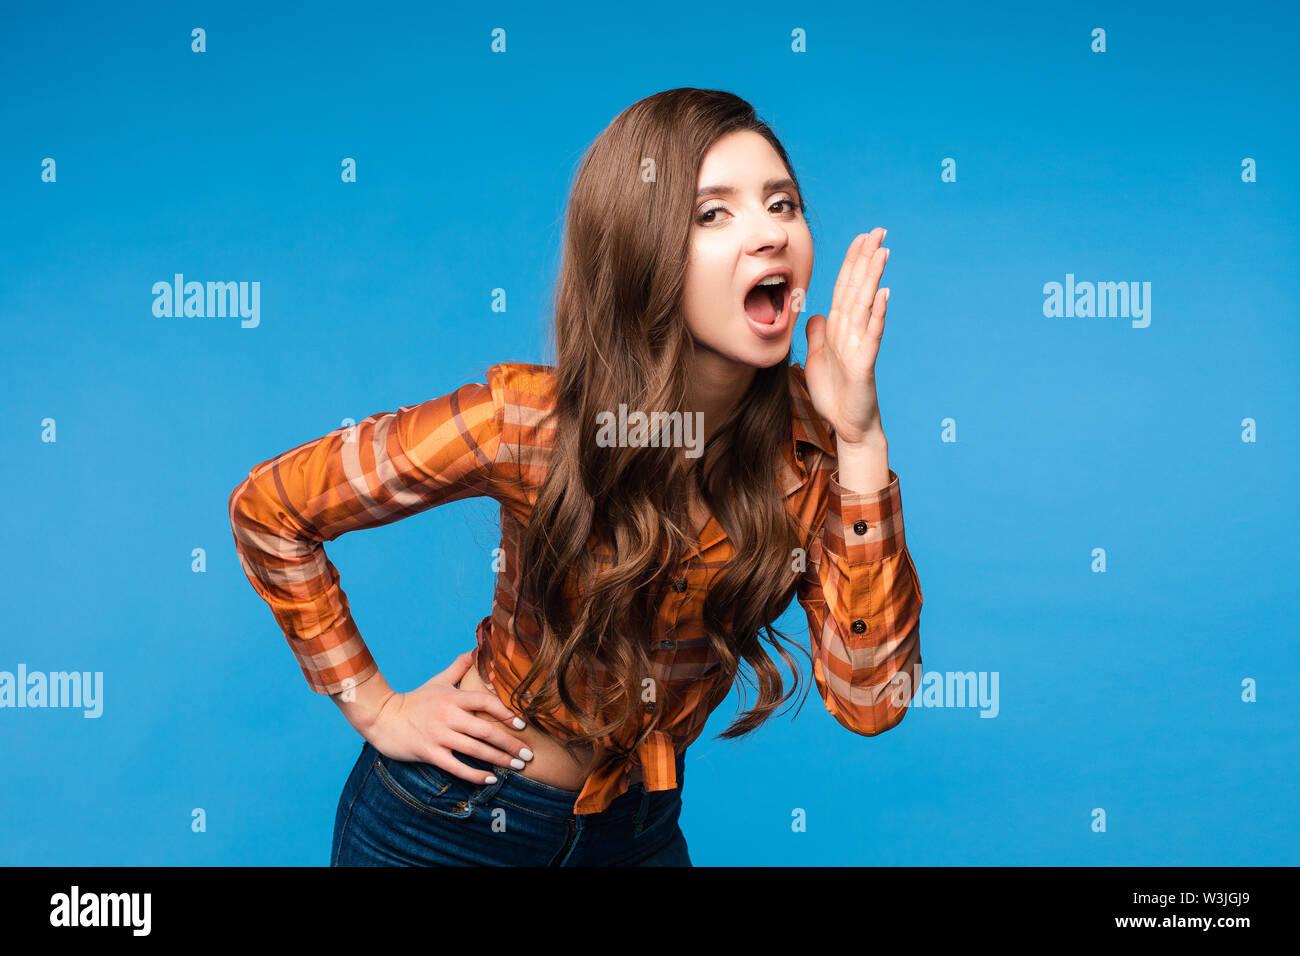 Schöne junge Frau in legere Kleidung laut schreien. Stockbild